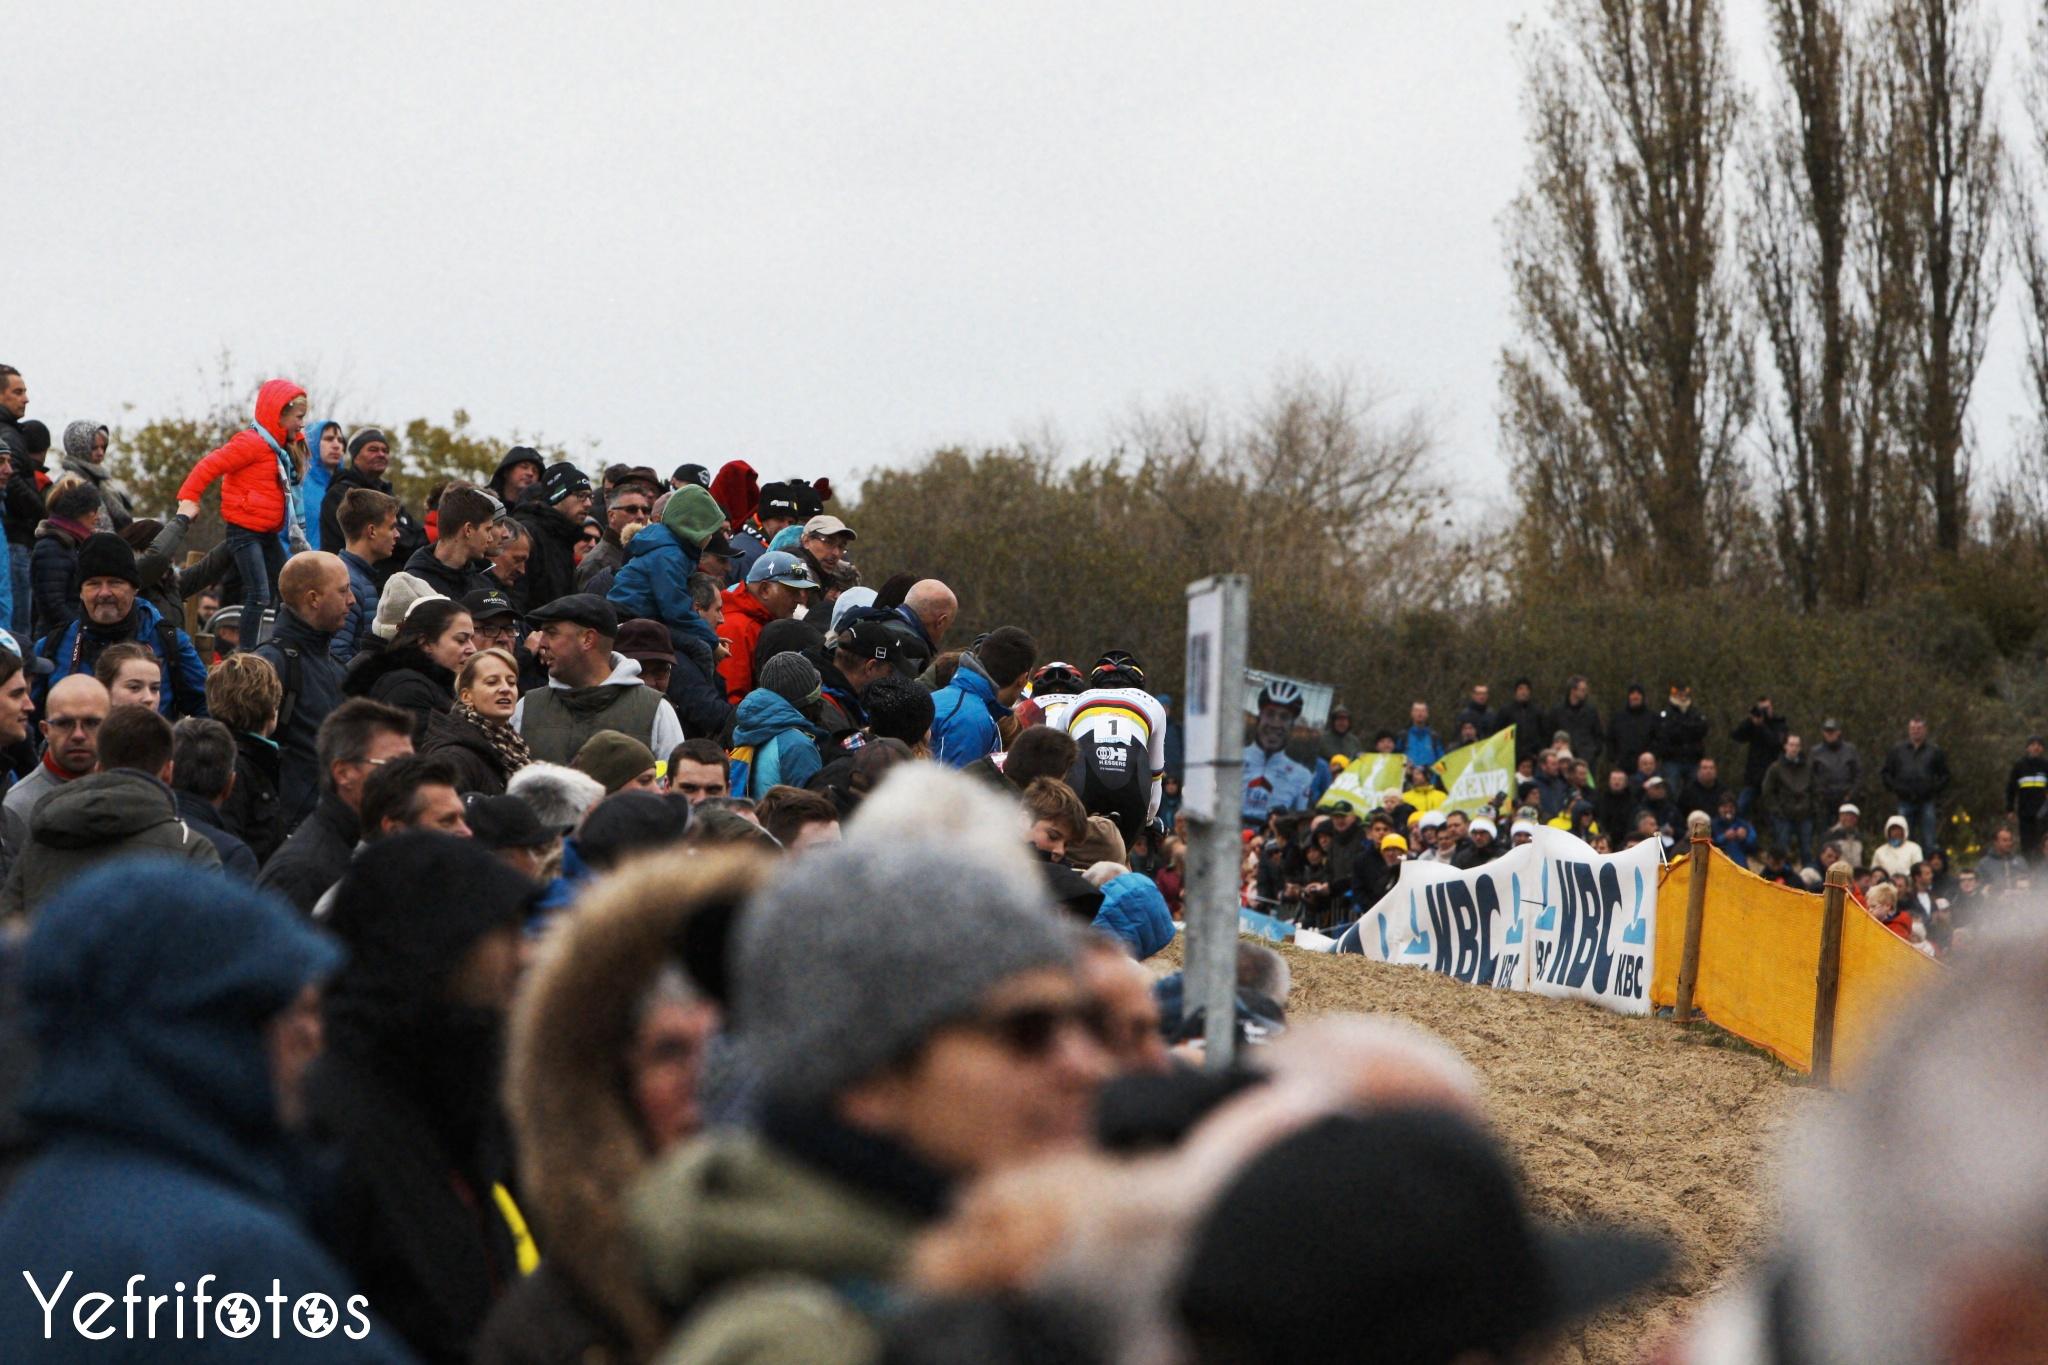 Koksijde - UCI Cyclocross World Cup - Wout van Aert - Foule